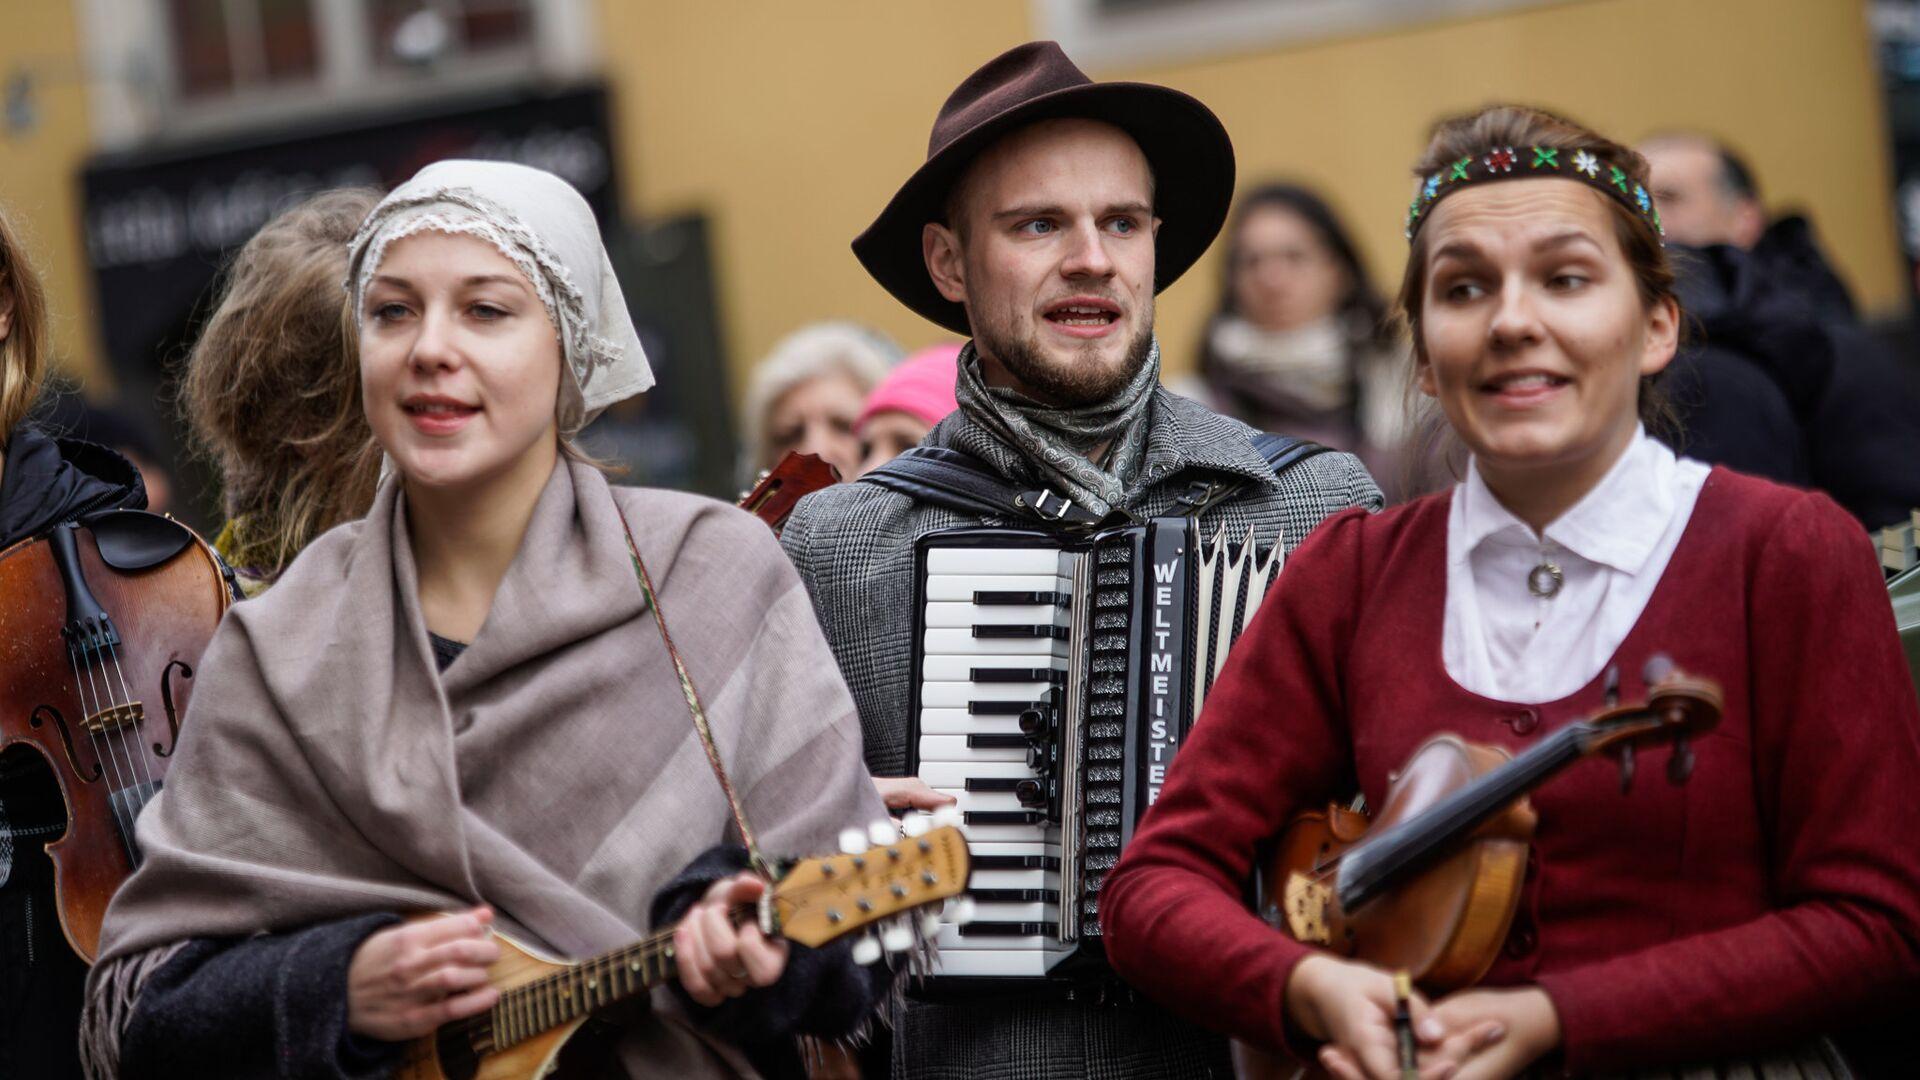 Латыши в национальных костюмах - Sputnik Латвия, 1920, 01.09.2021